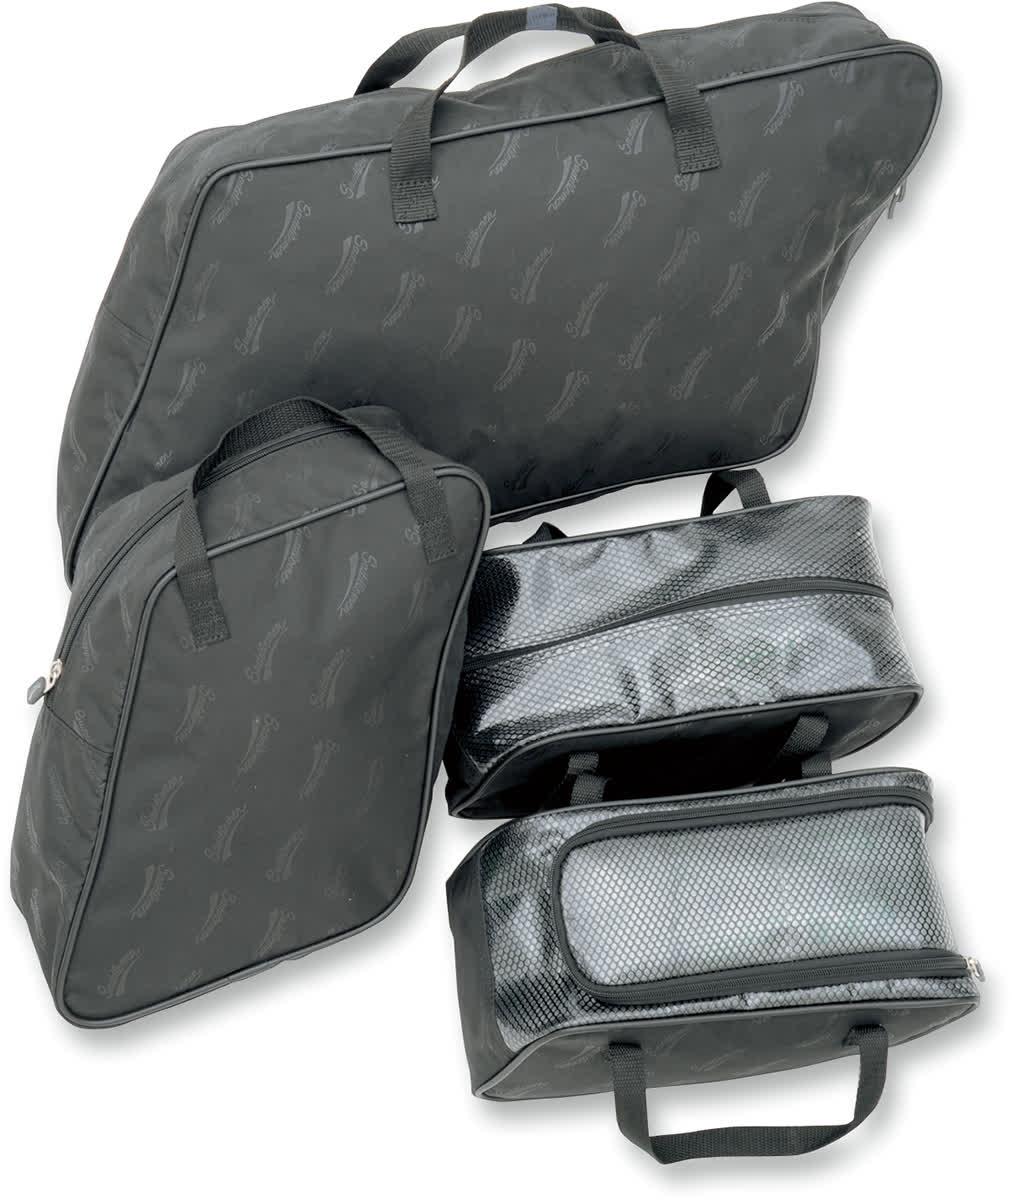 Saddlemen 3501-0712 Saddlebag Packing Cube Liner Set FLHT-Style Hard Saddlebag